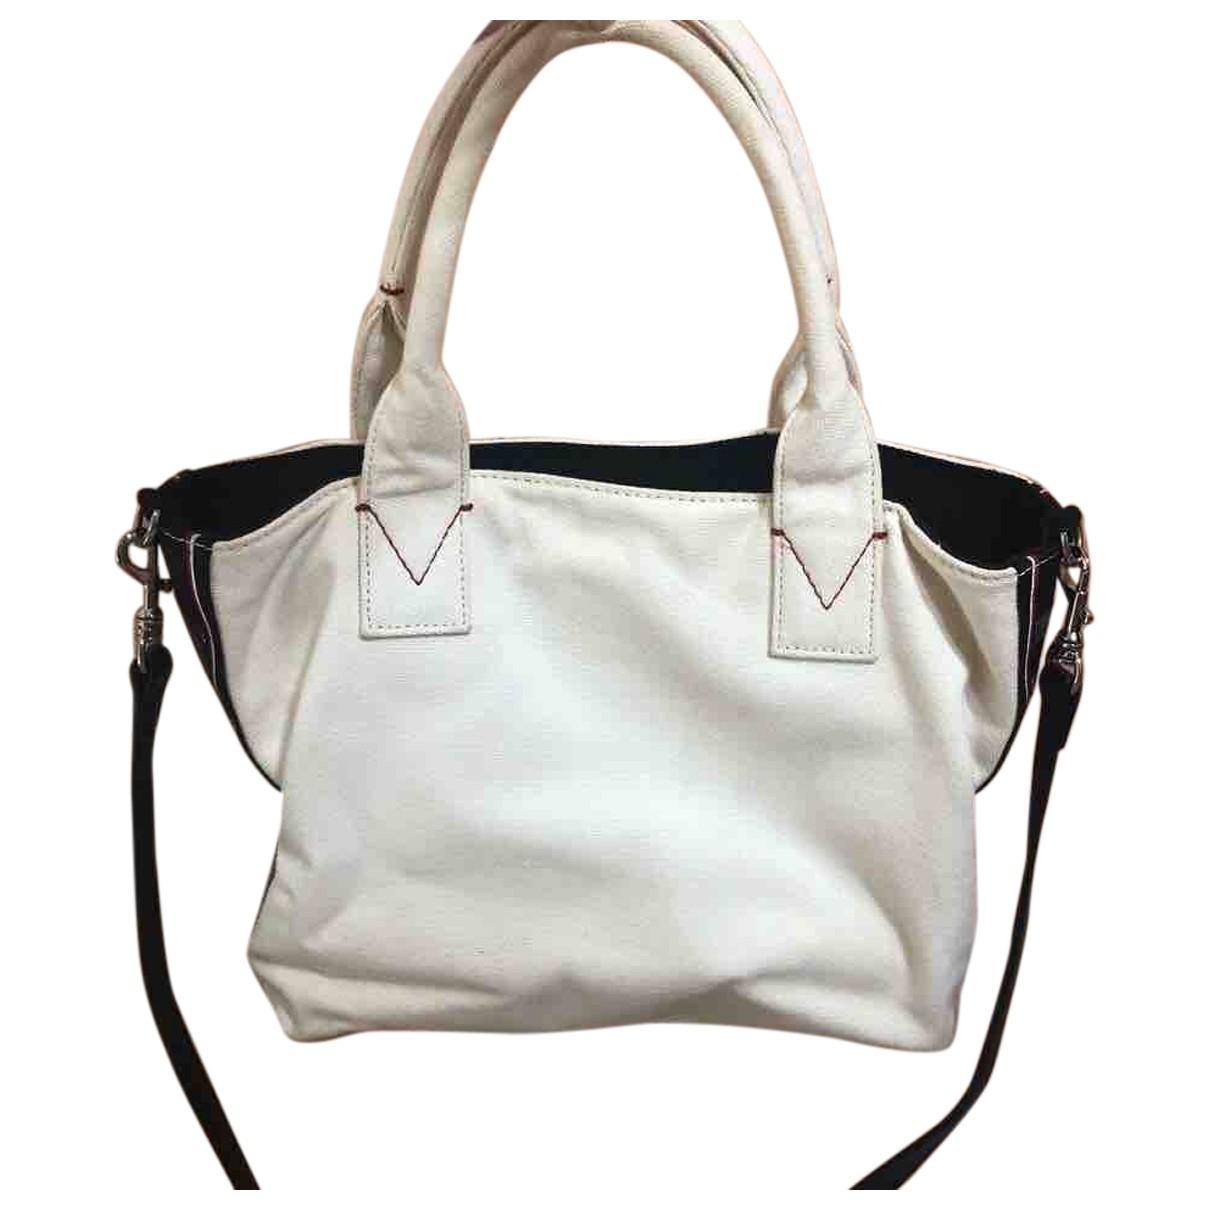 Pinko \N Handtasche in  Weiss Leinen